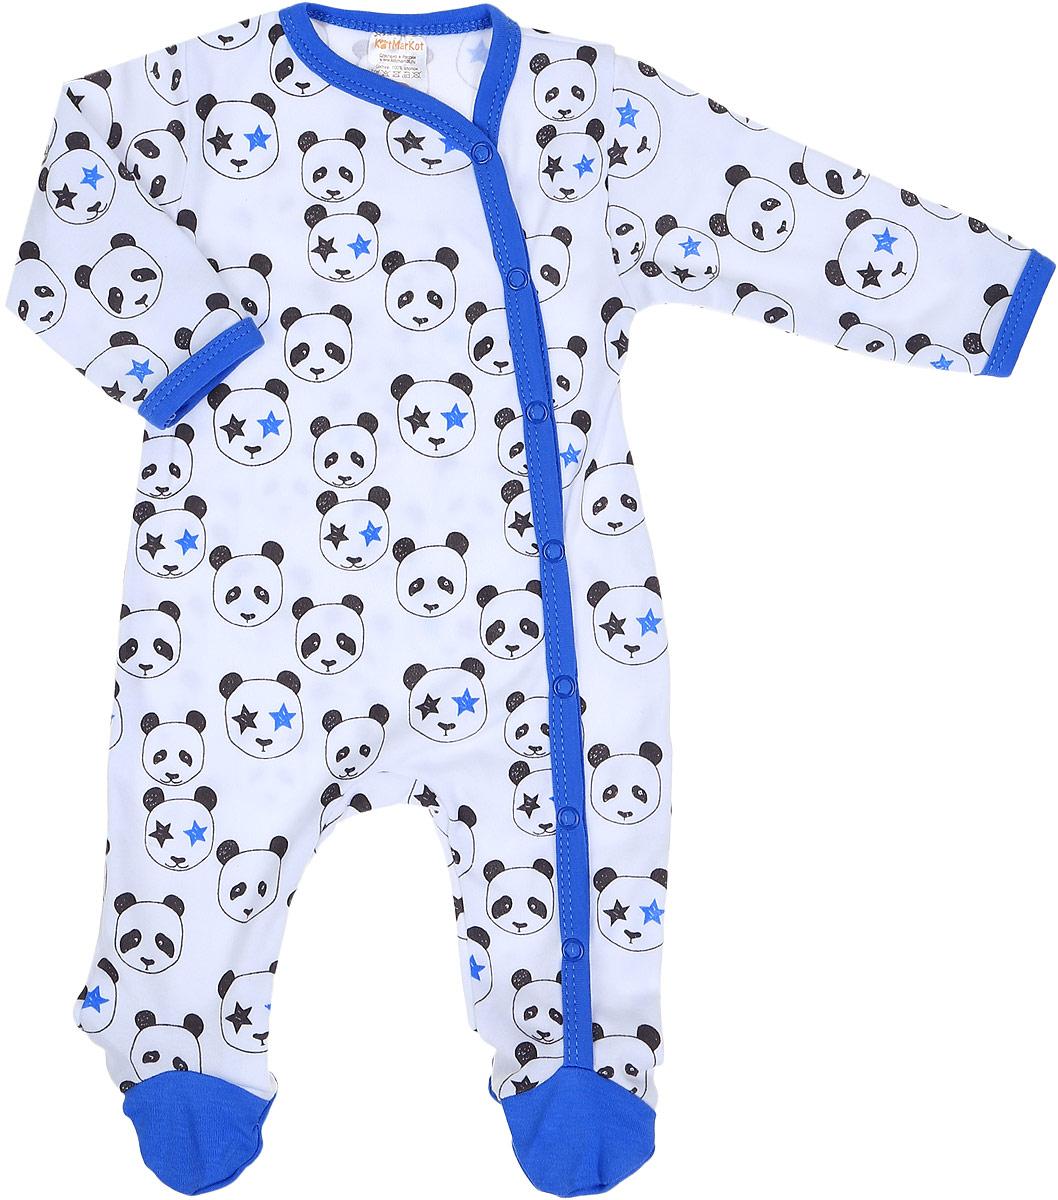 Комбинезон домашний детский КотМарКот Панда Rock, цвет: белый, синий. 6324. Размер 866324Удобный домашний комбинезон с закрытыми ножками КотМарКот Панда Rock изготовлен из интерлока и оформлен принтом с изображением панд. Материал изделия мягкий и тактильно приятный, не раздражает нежную кожу ребенка и хорошо пропускает воздух. Модель с длинными рукавами имеет удобные застежки-кнопки спереди и на одной ножке, что позволит легко переодеть ребенка или сменить подгузник. Круглый вырез горловины дополнен мягкой эластичной бейкой контрастного цвета. Изделие полностью соответствует особенностям жизни ребенка в ранний период, не стесняя и не ограничивая его в движениях.